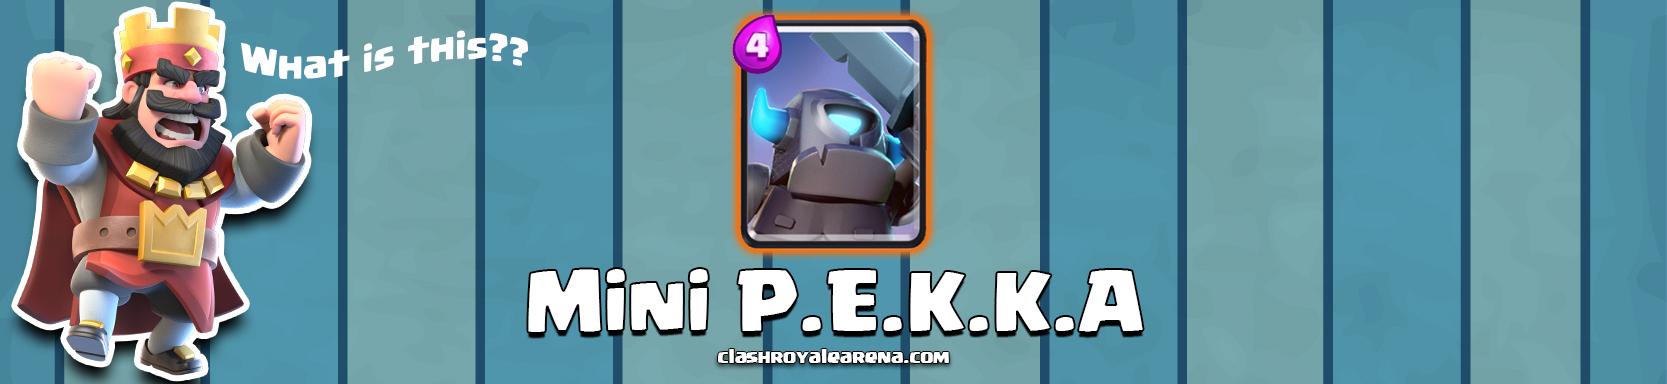 Mini P.E.K.K.A Clash Royale